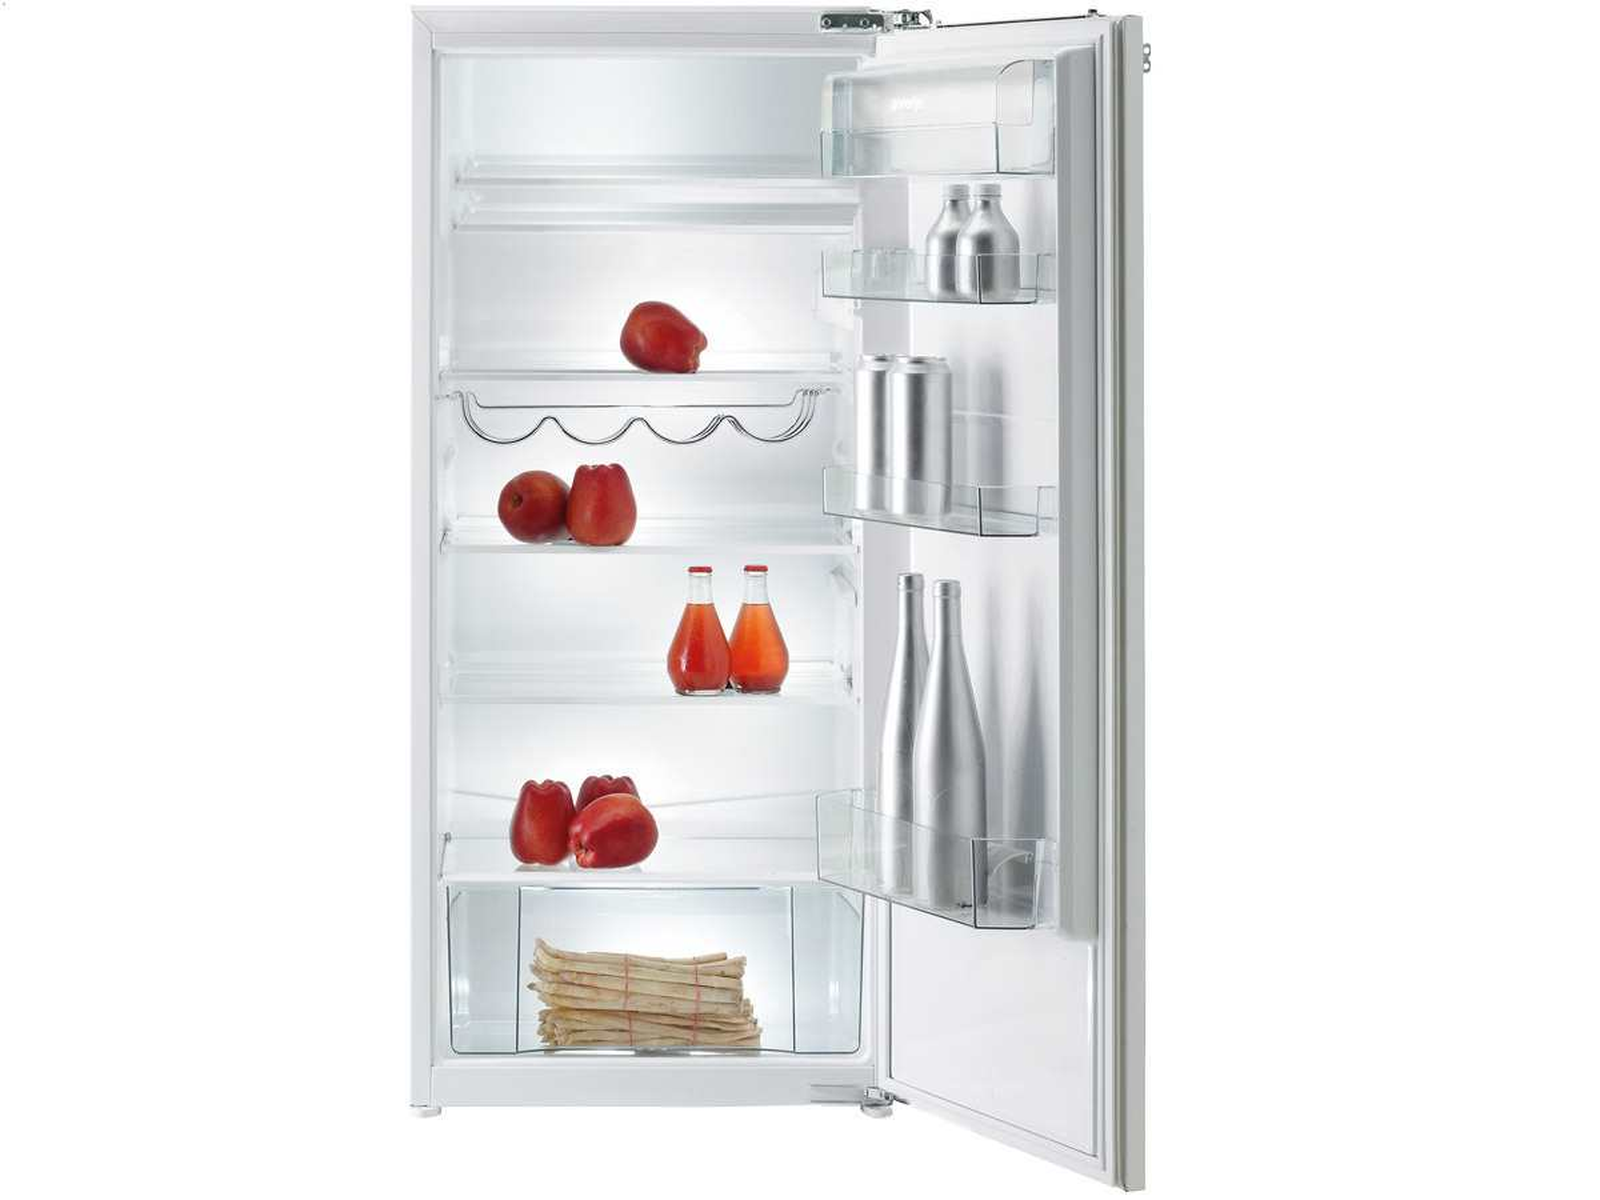 Gorenje Kühlschrank Unterbaufähig : Gorenje ri aw einbaukühlschrank